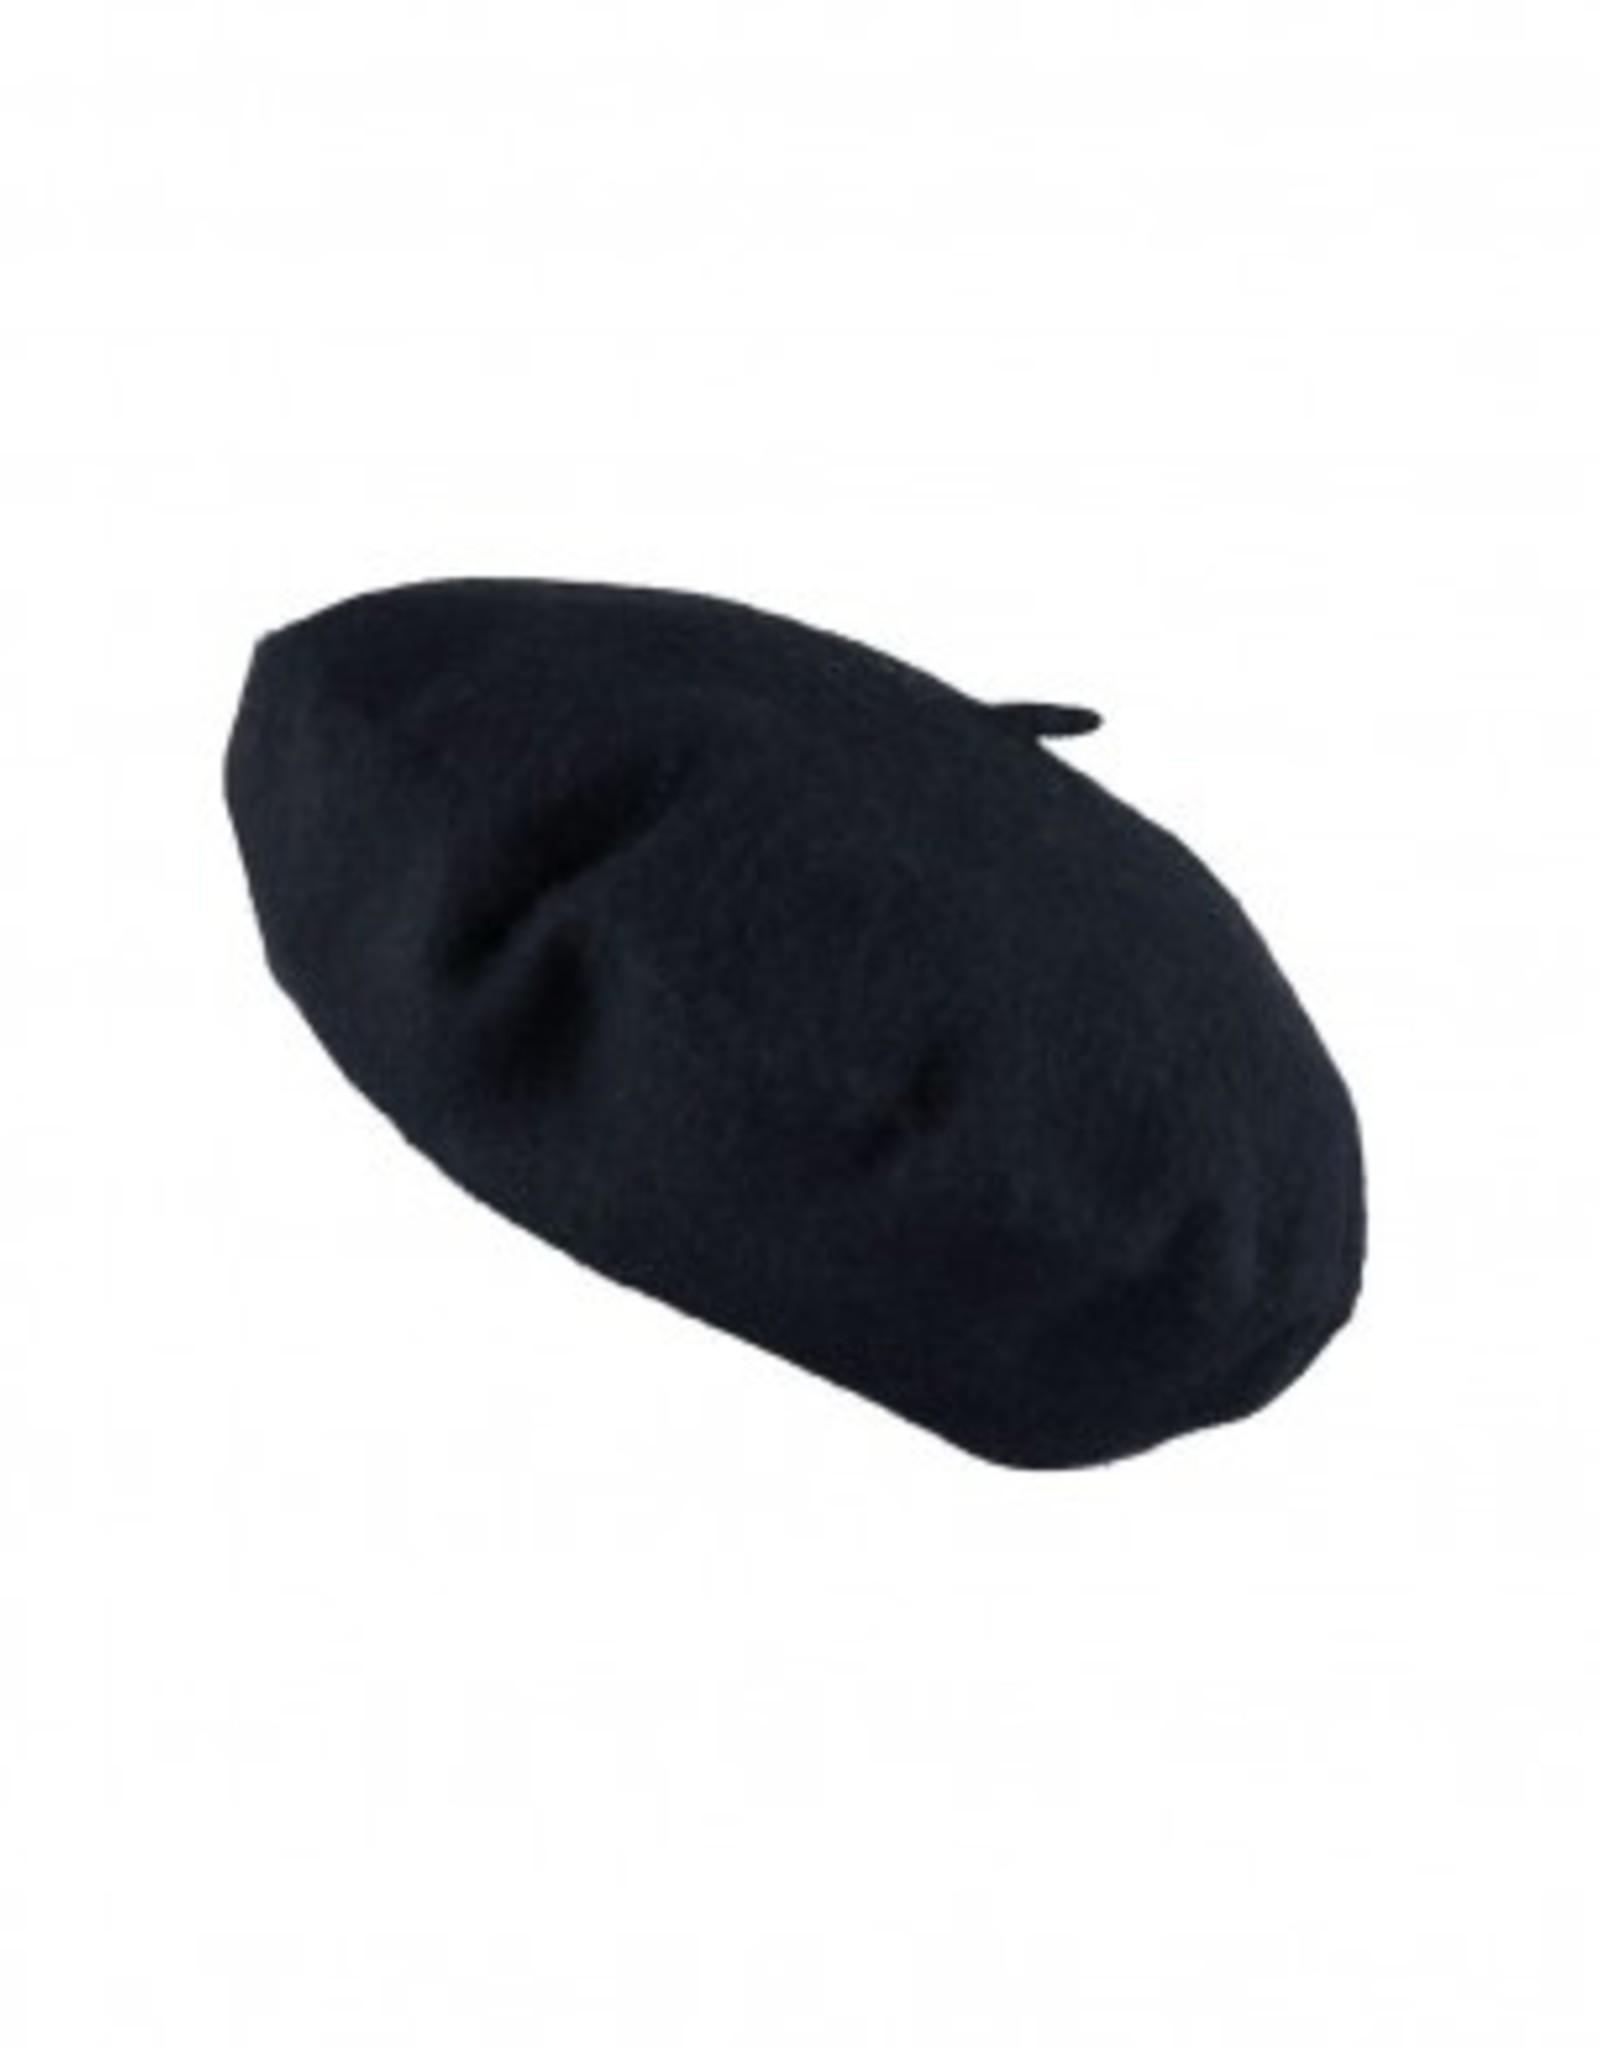 About accessories Cap Beret Black 57 cm